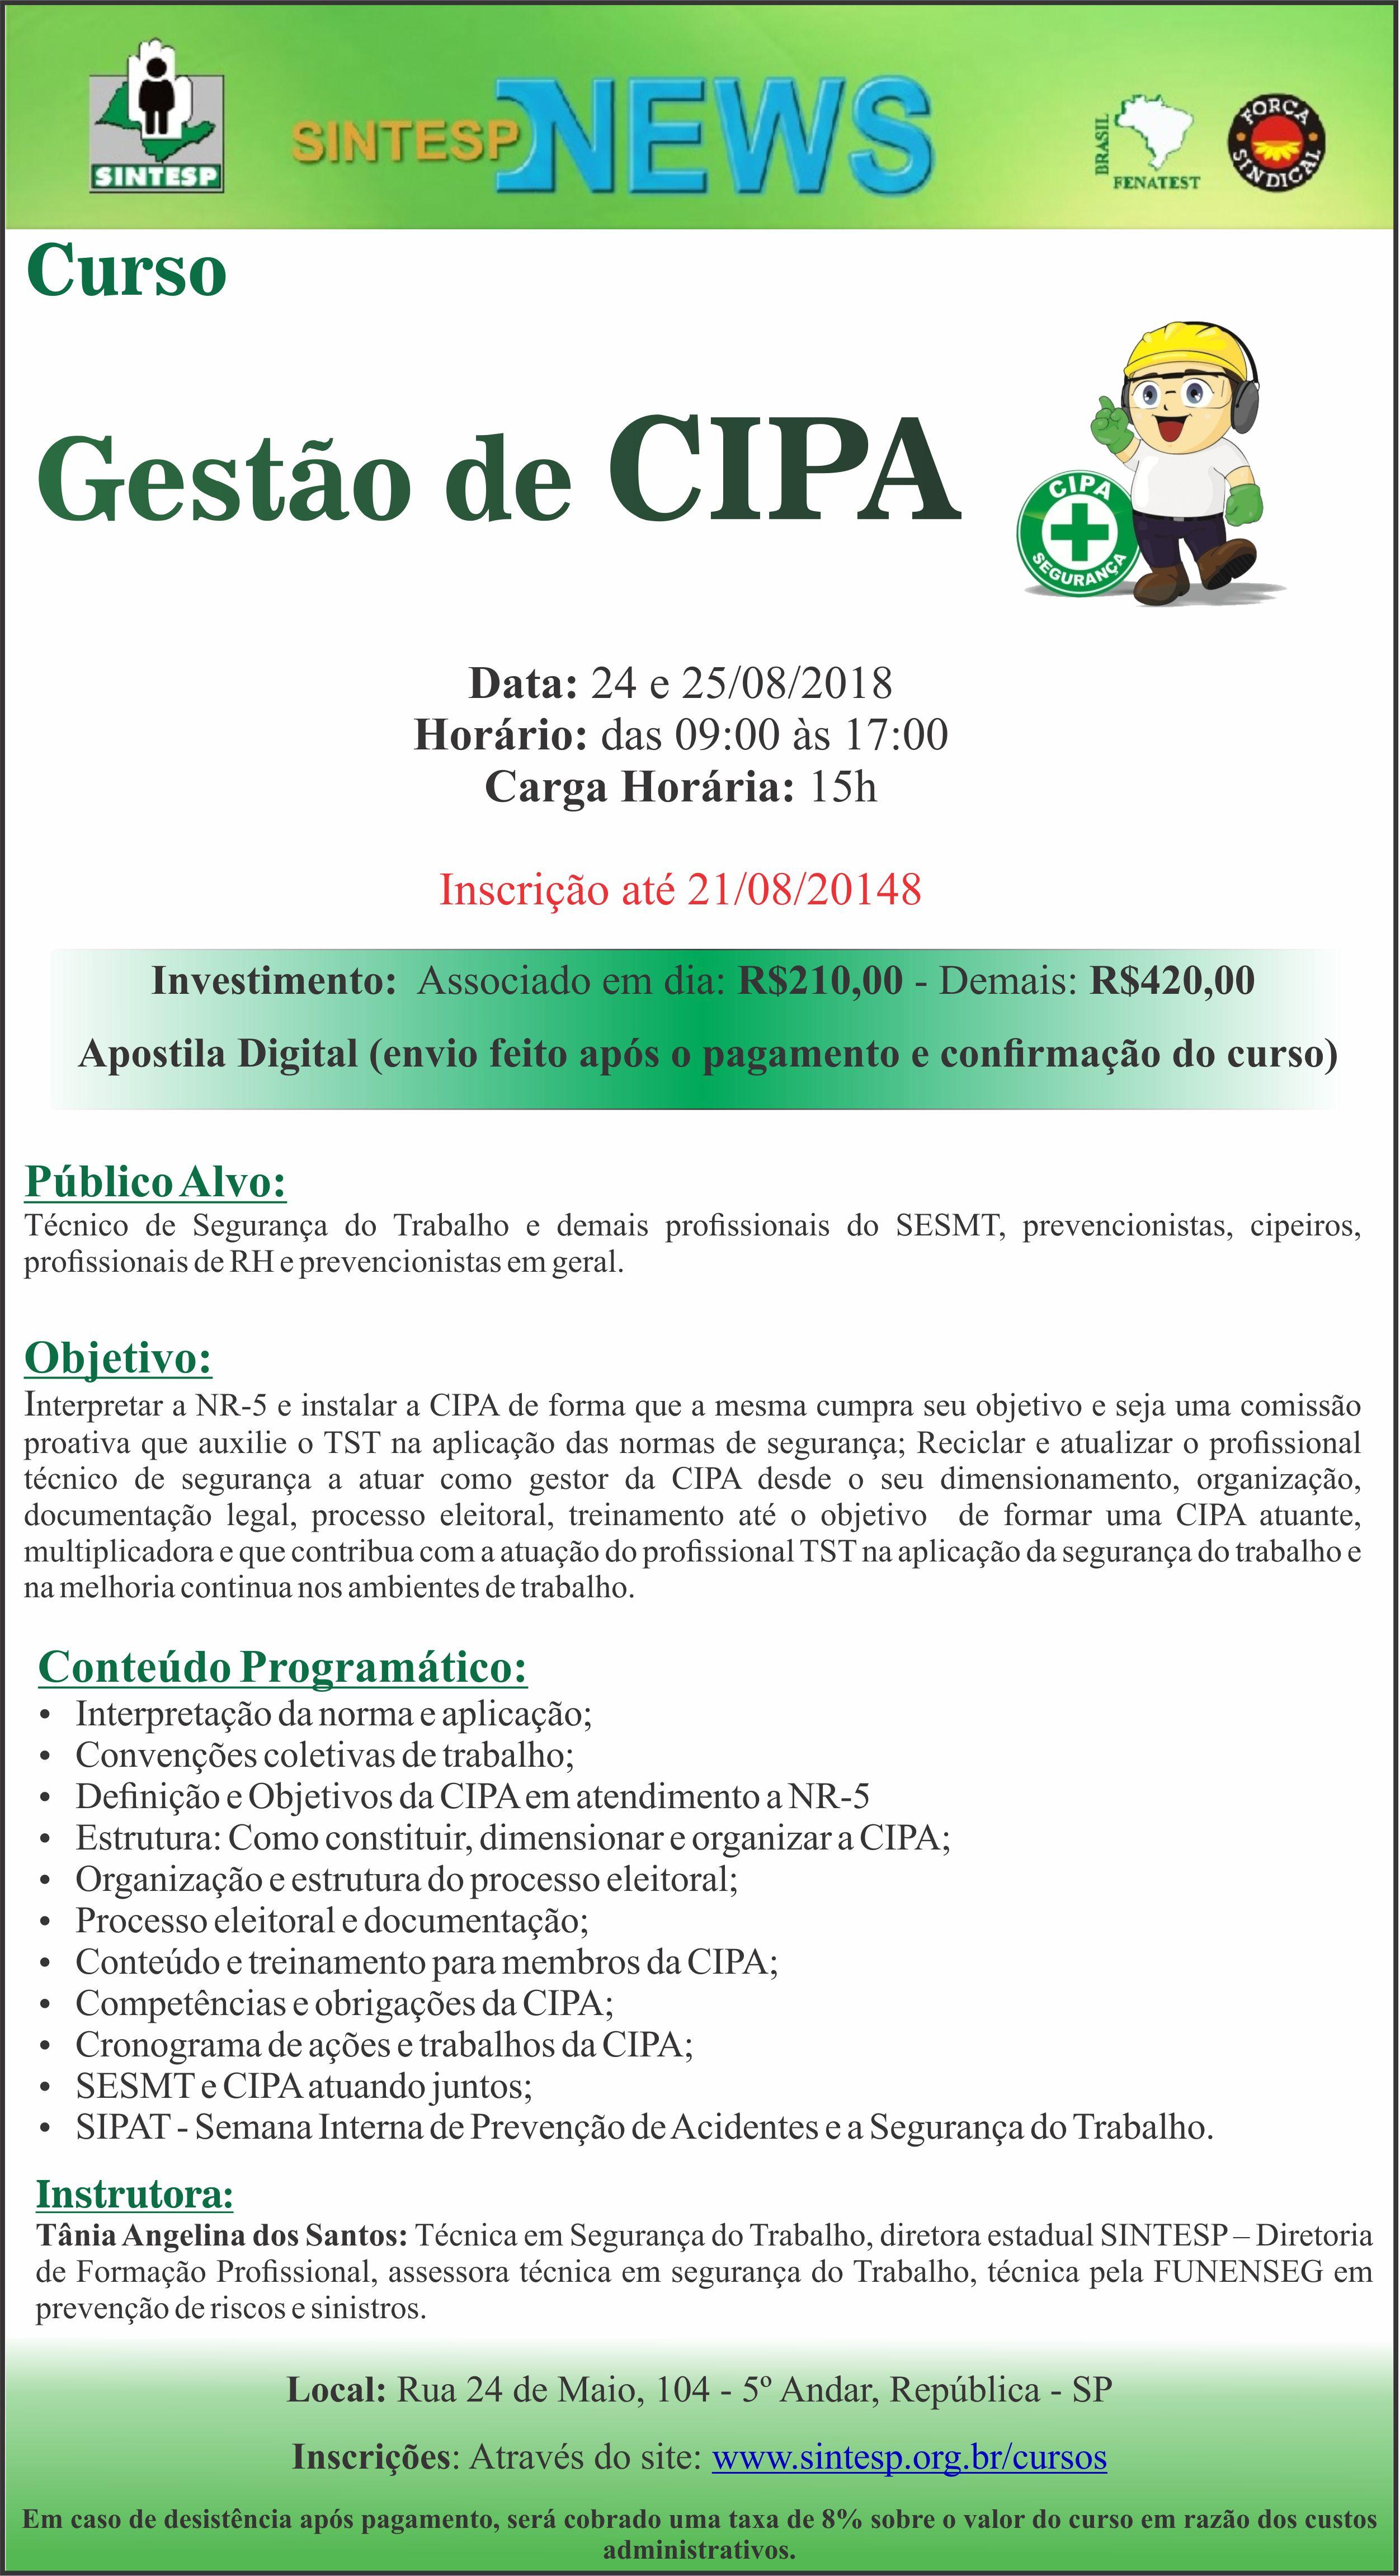 5ac830f60fc02 SINTESP - Cursos e Eventos - GESTÃO DE CIPA